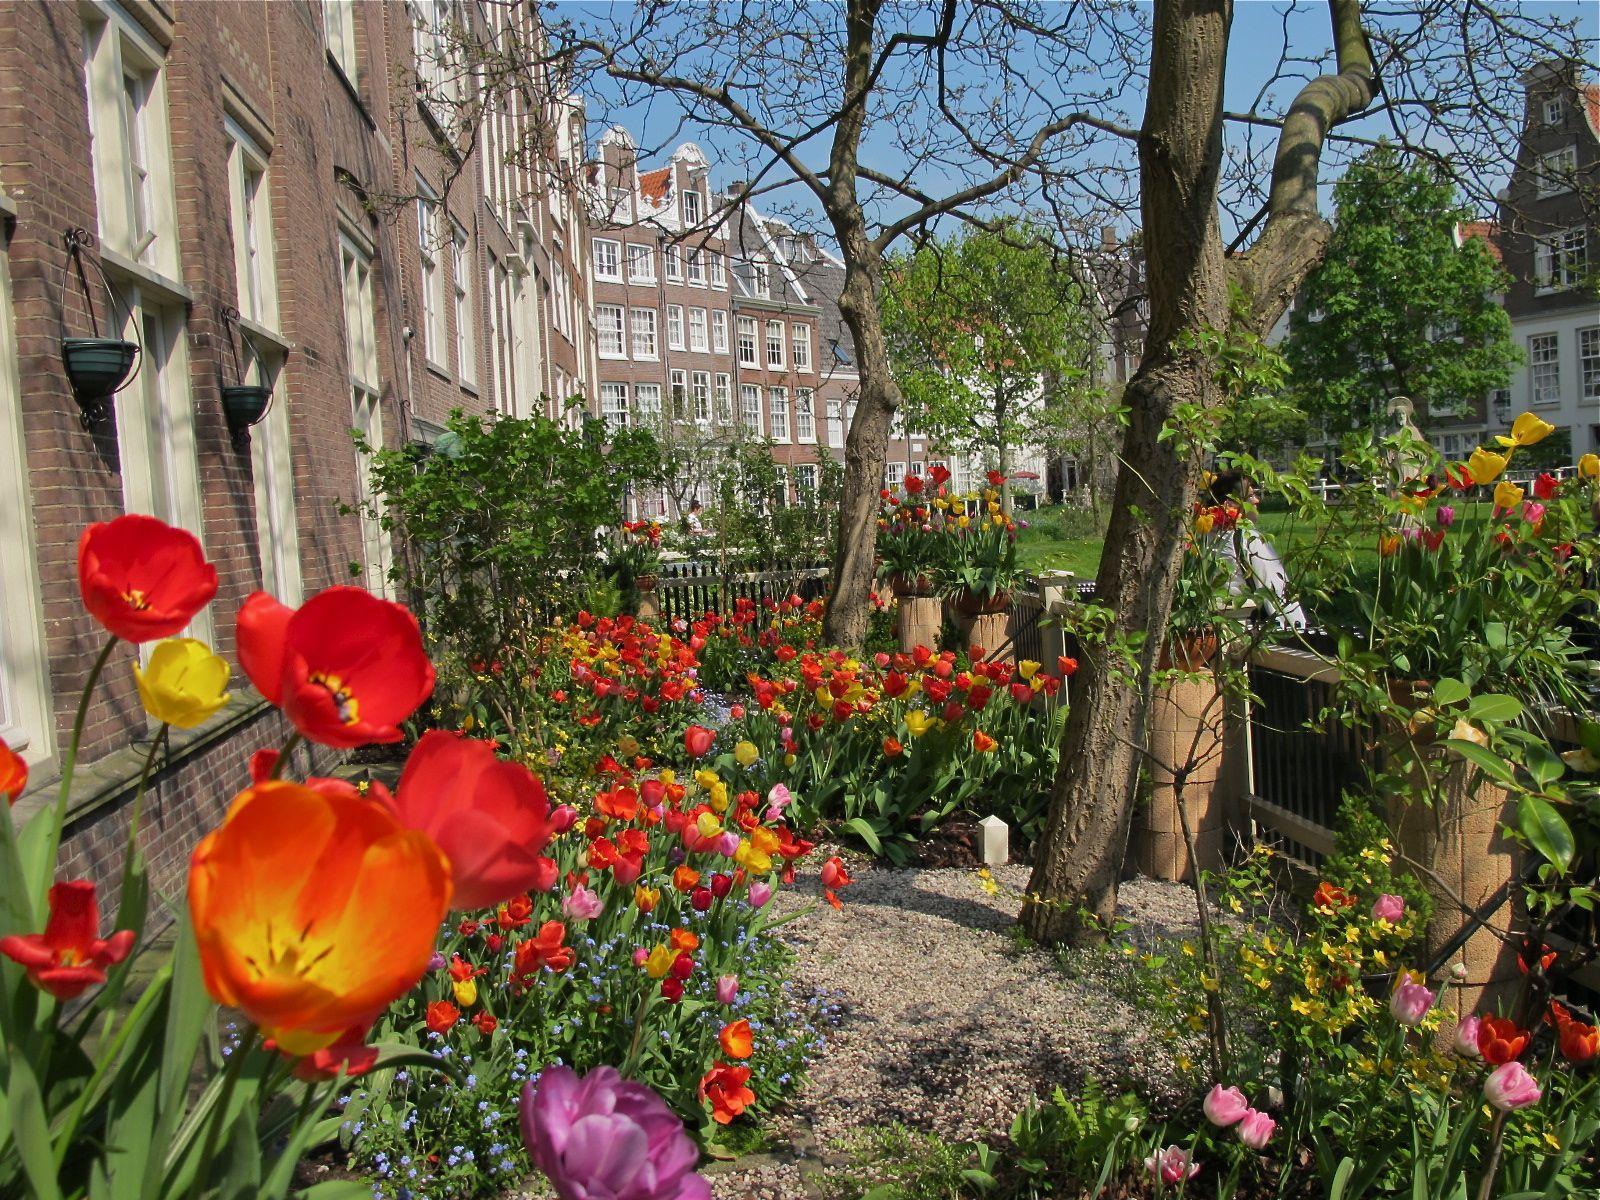 garden in amsterdam - Amsterdam Garden